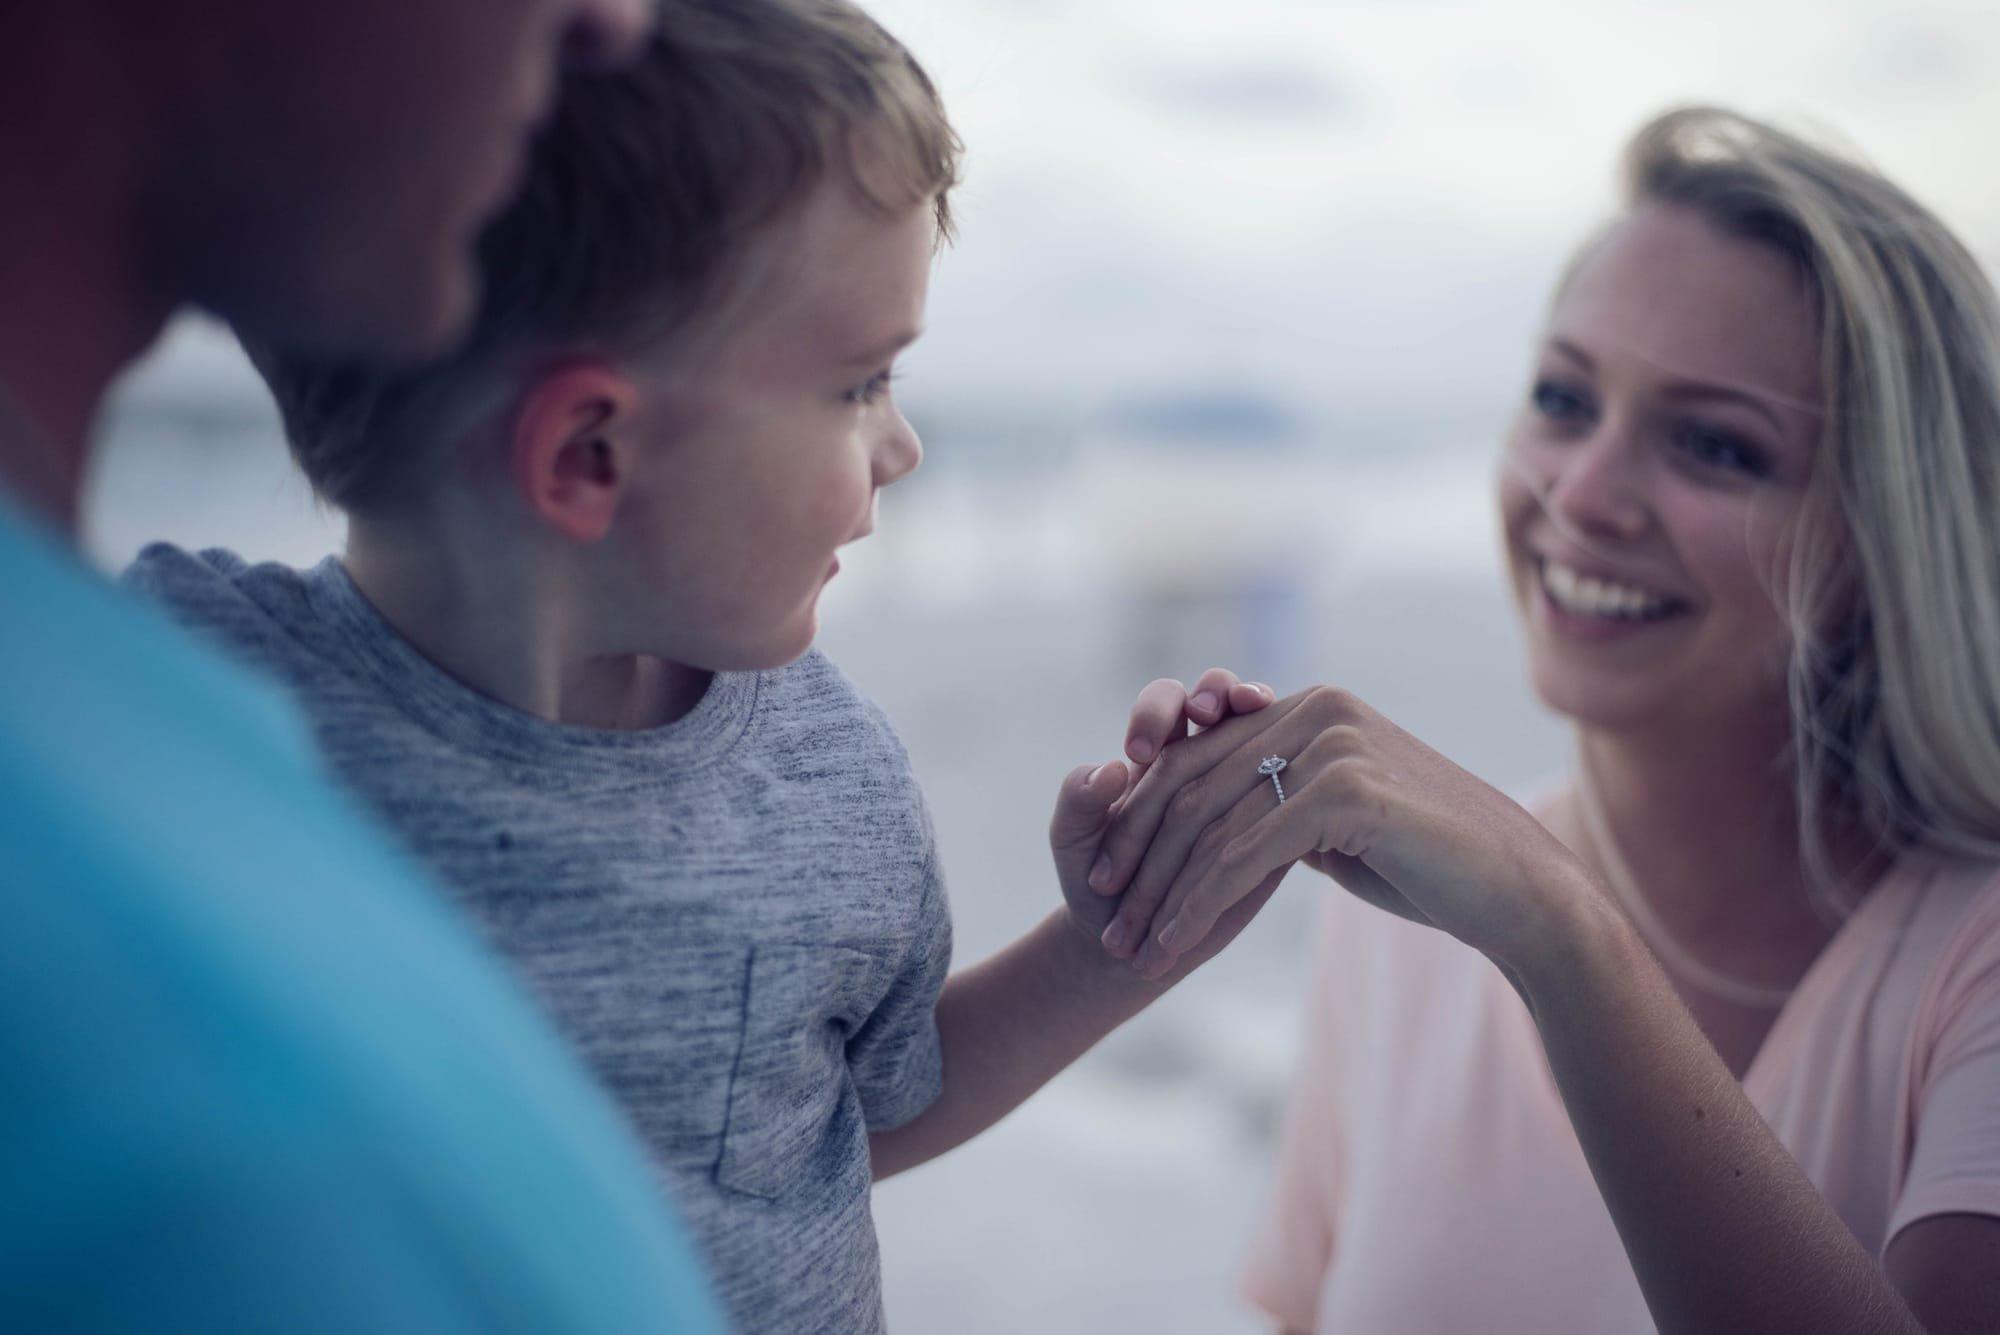 הורות צעירה, הורות למתבגרים, יחסים במשפחה, הורים וילדים